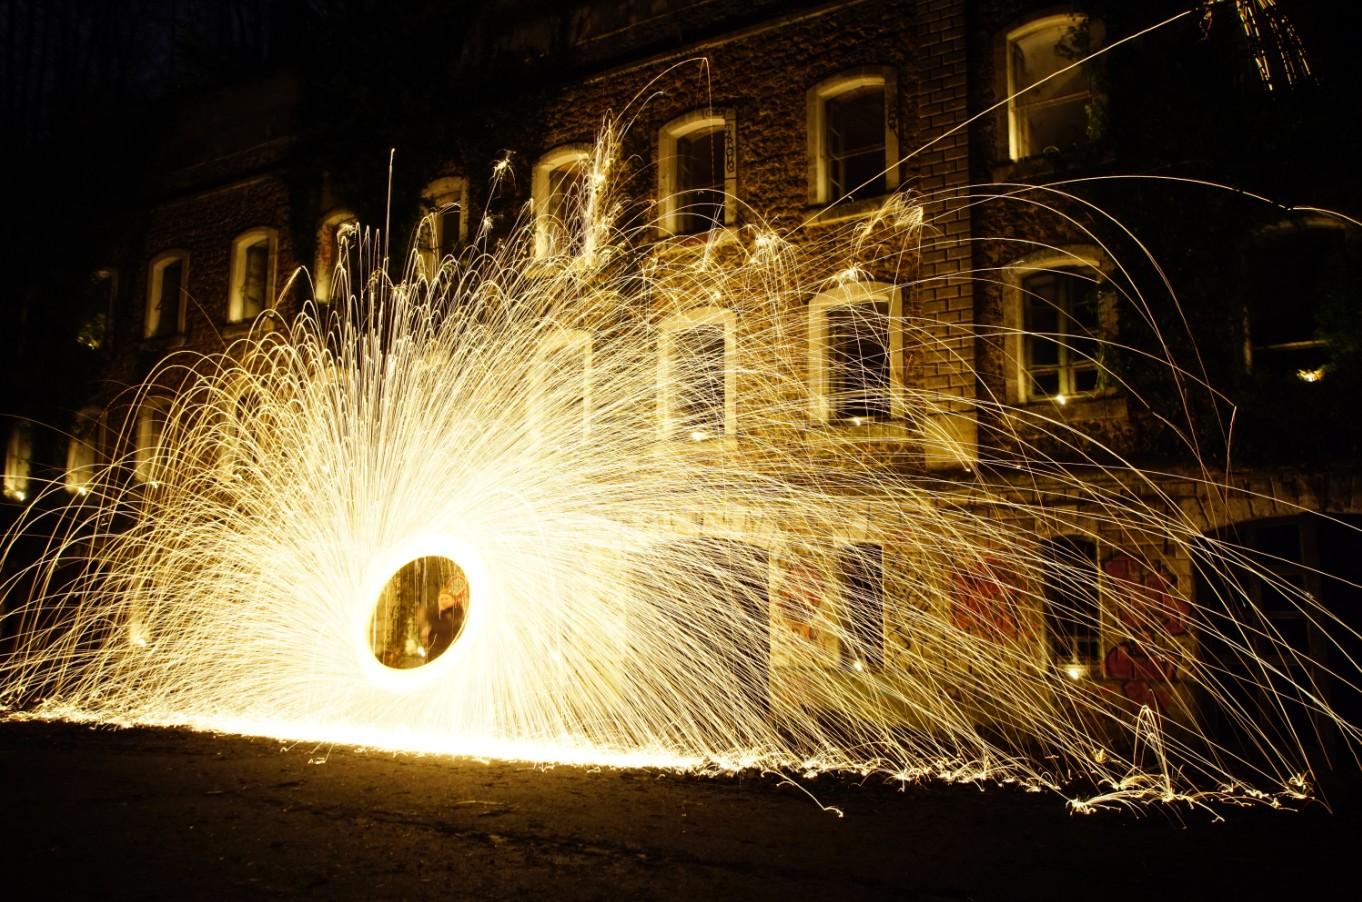 Light & Firepainting at Fort du Haut Buc